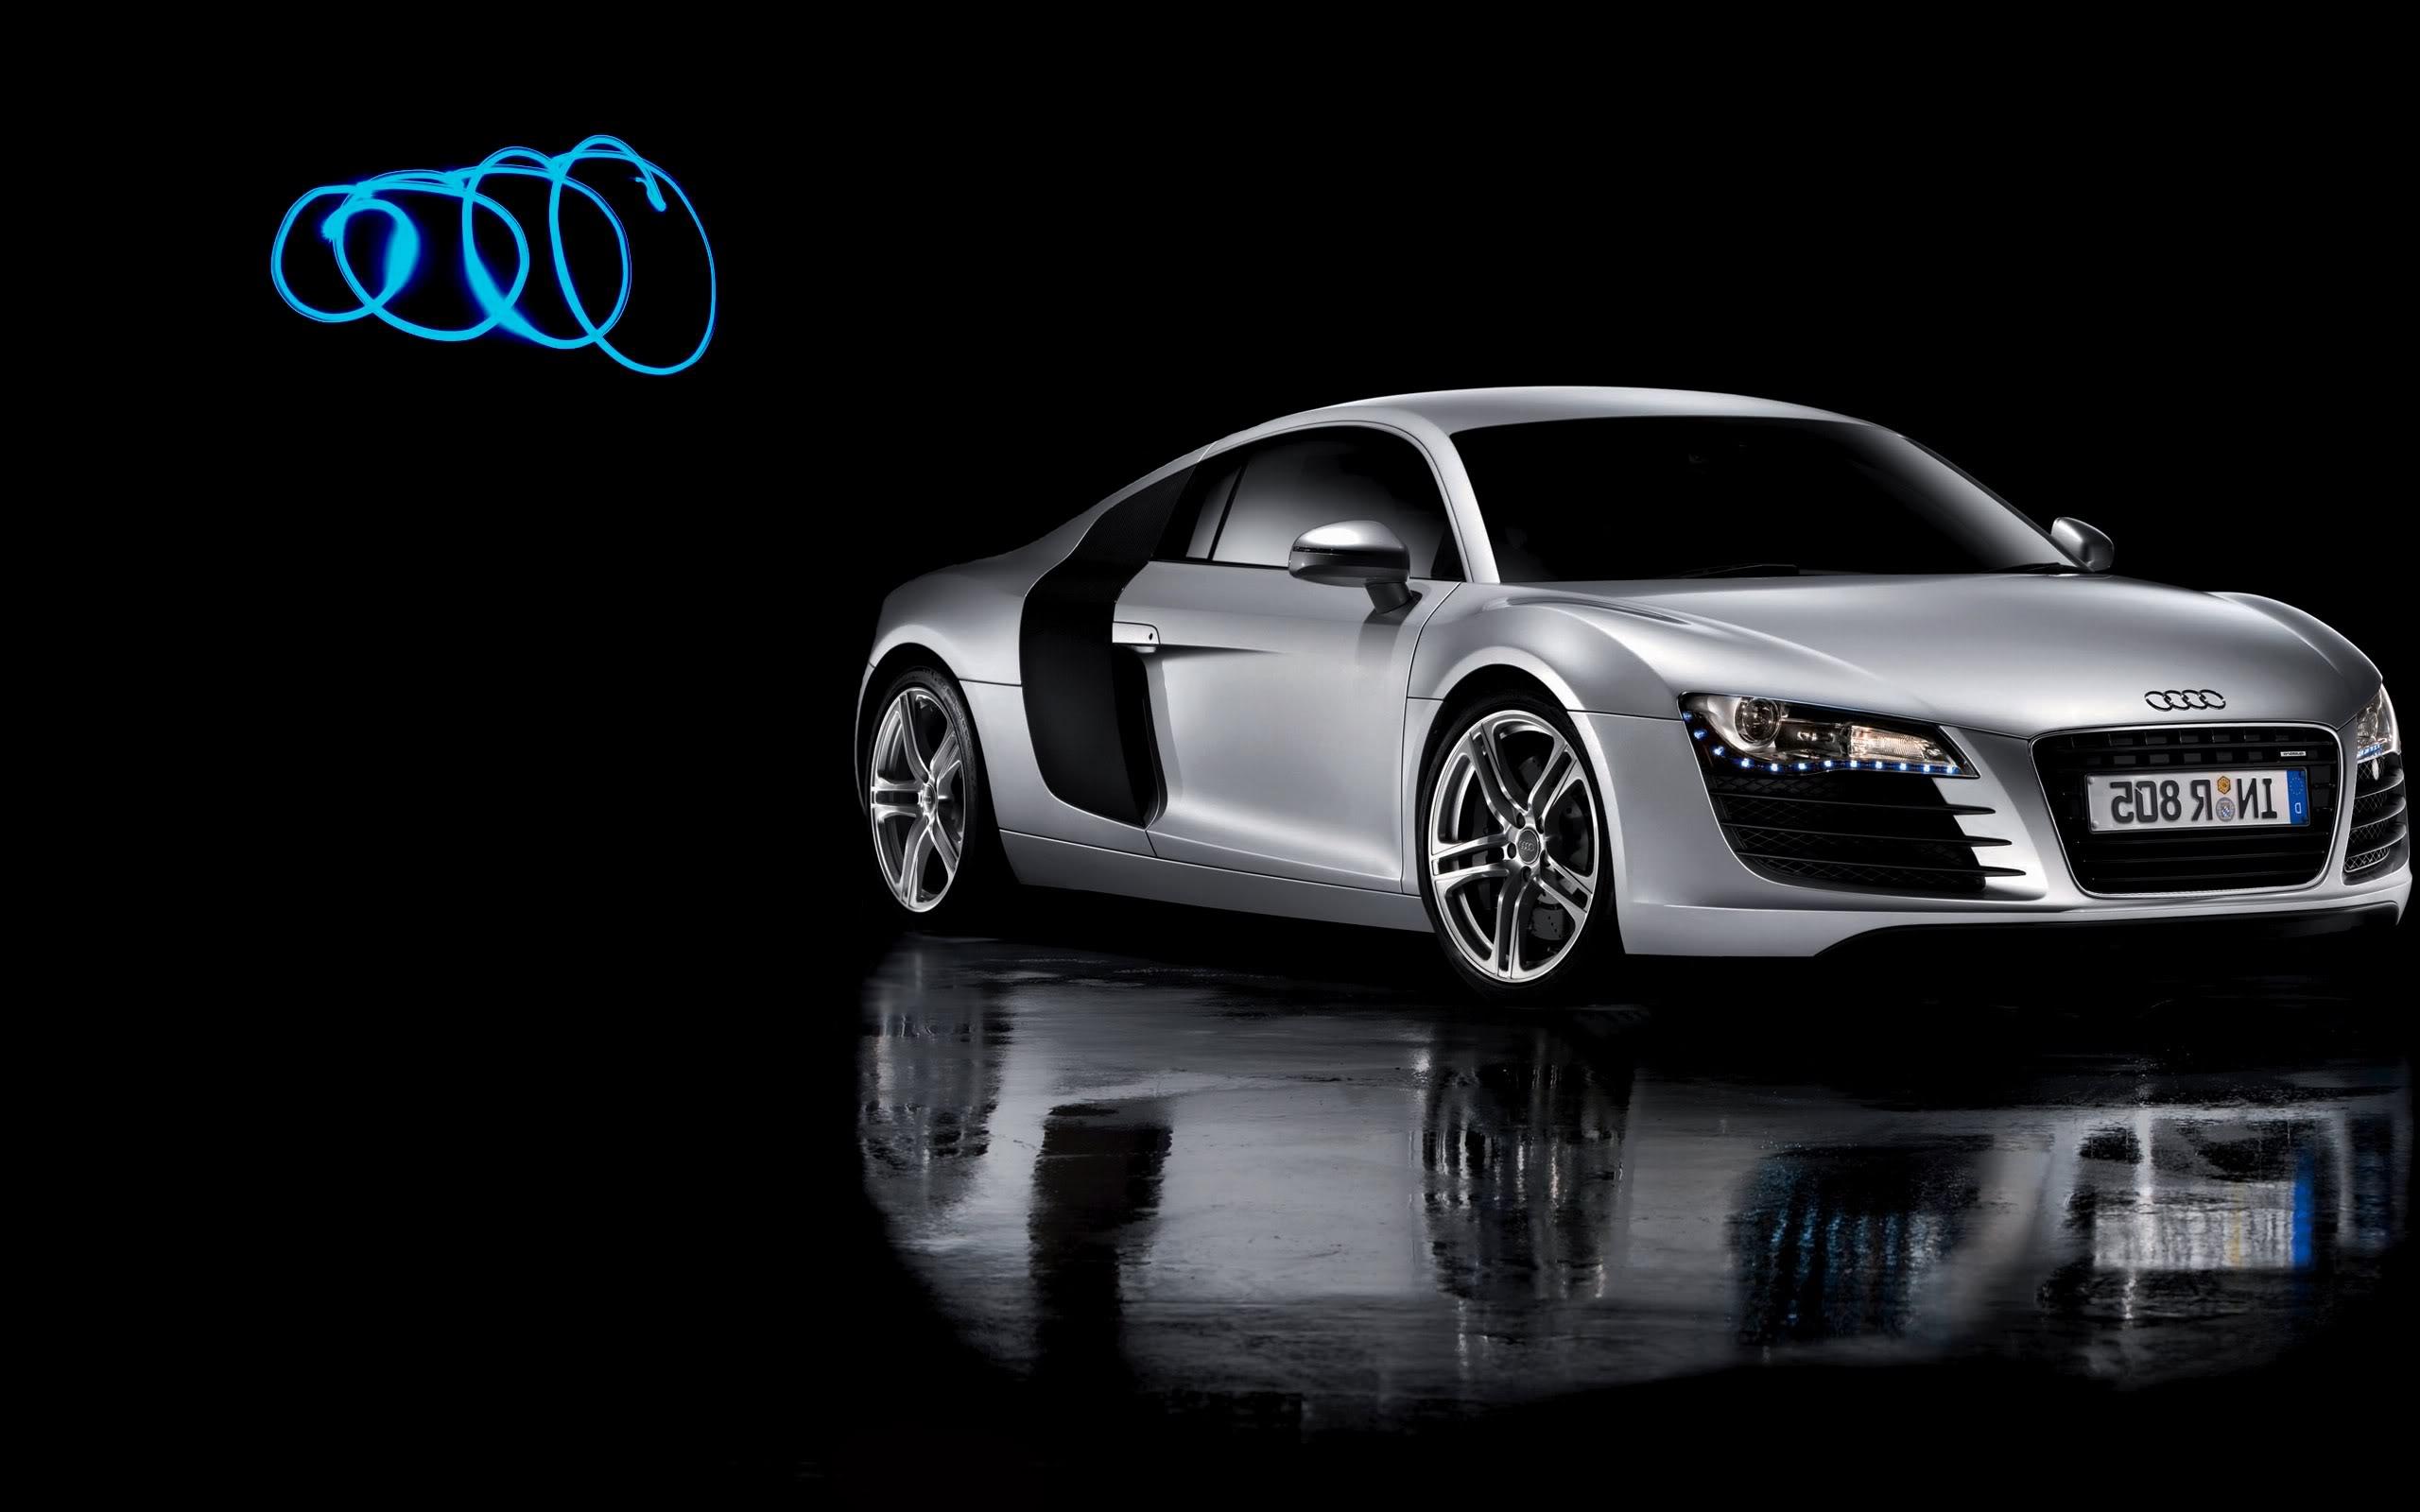 2560x1600px Audi Wallpapers Wallpapersafari